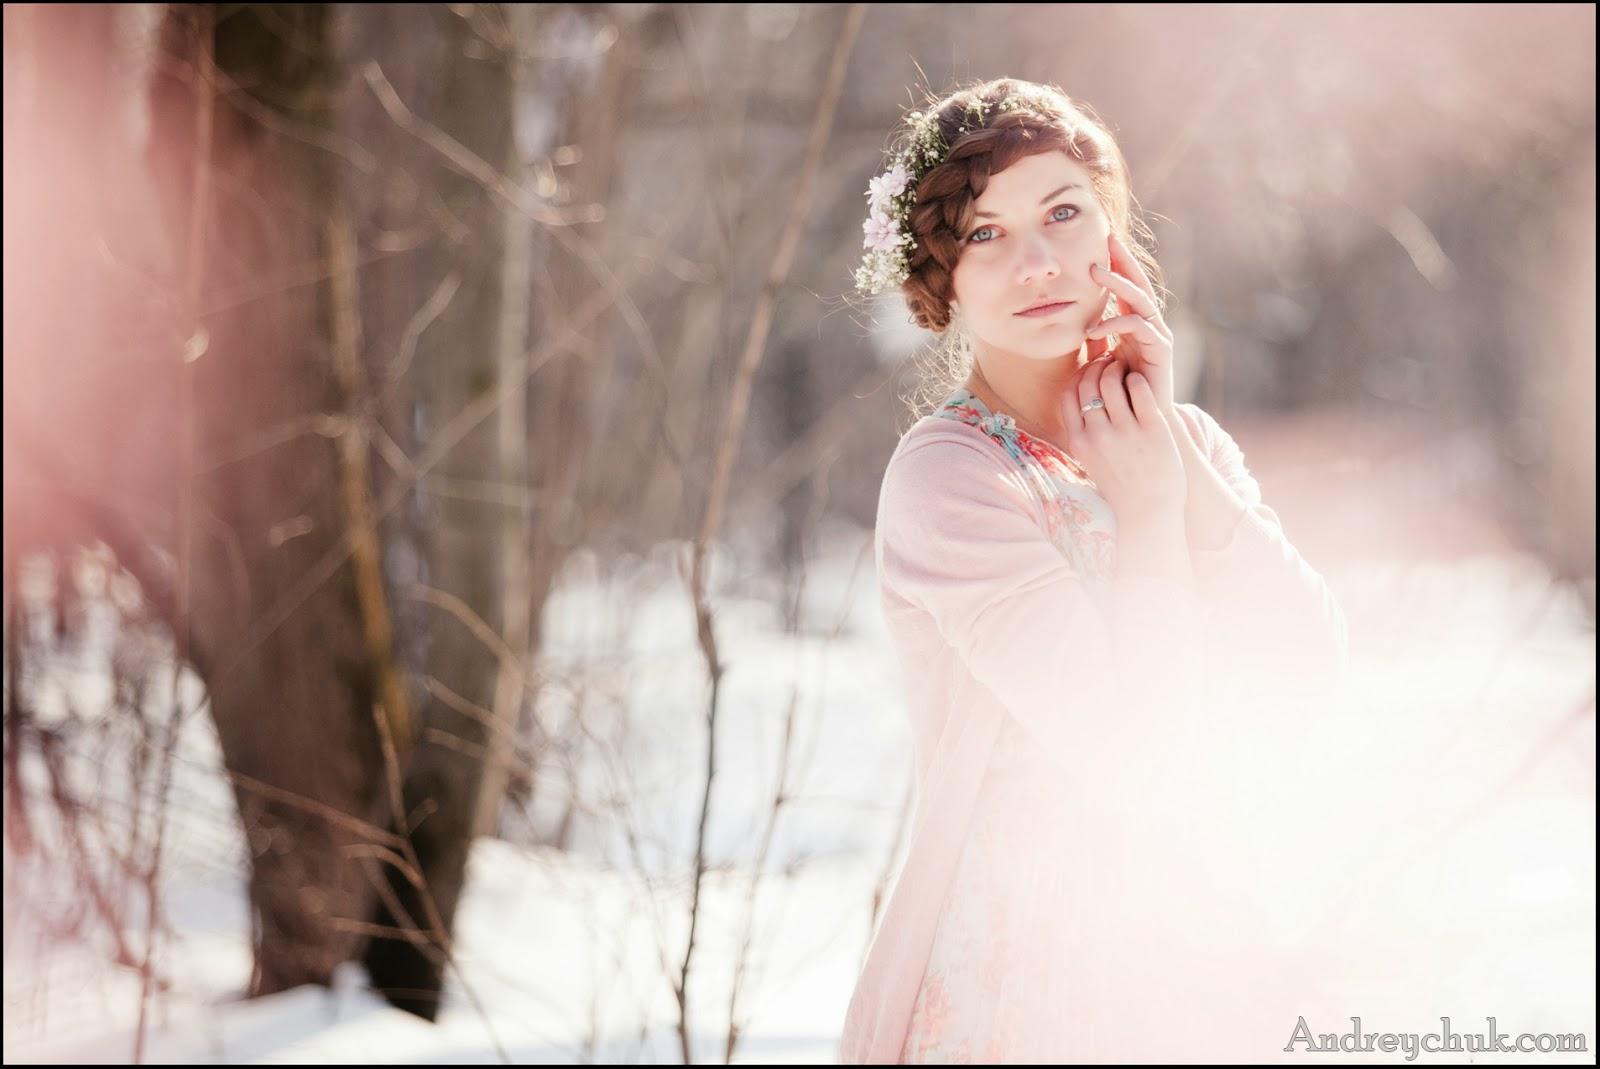 весеннее фото молодой девушки в снежном лесу, лиричное настроение